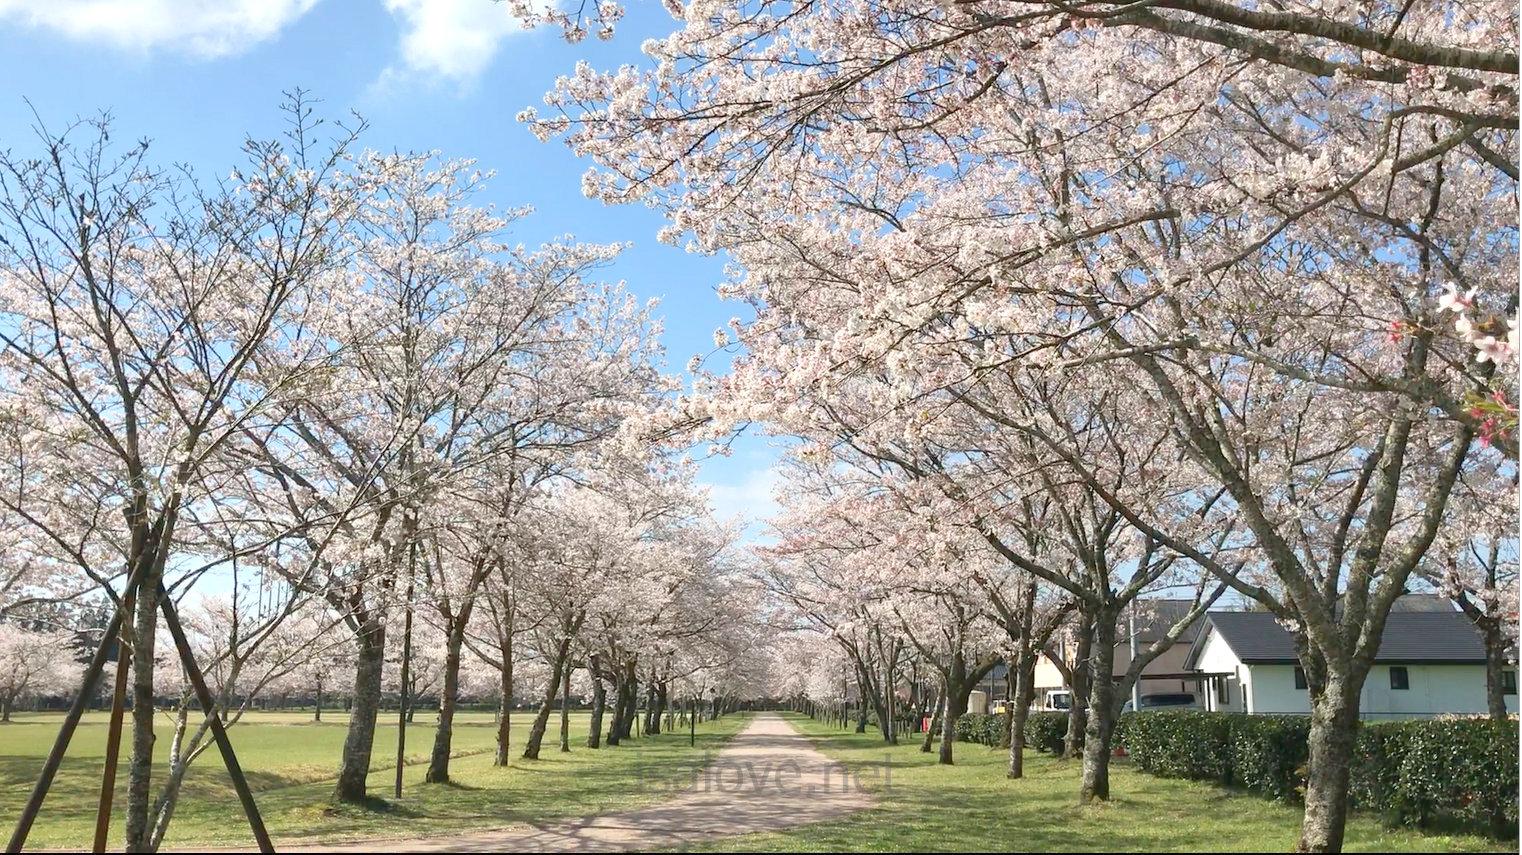 忠元公園桜開花状況2020年満開